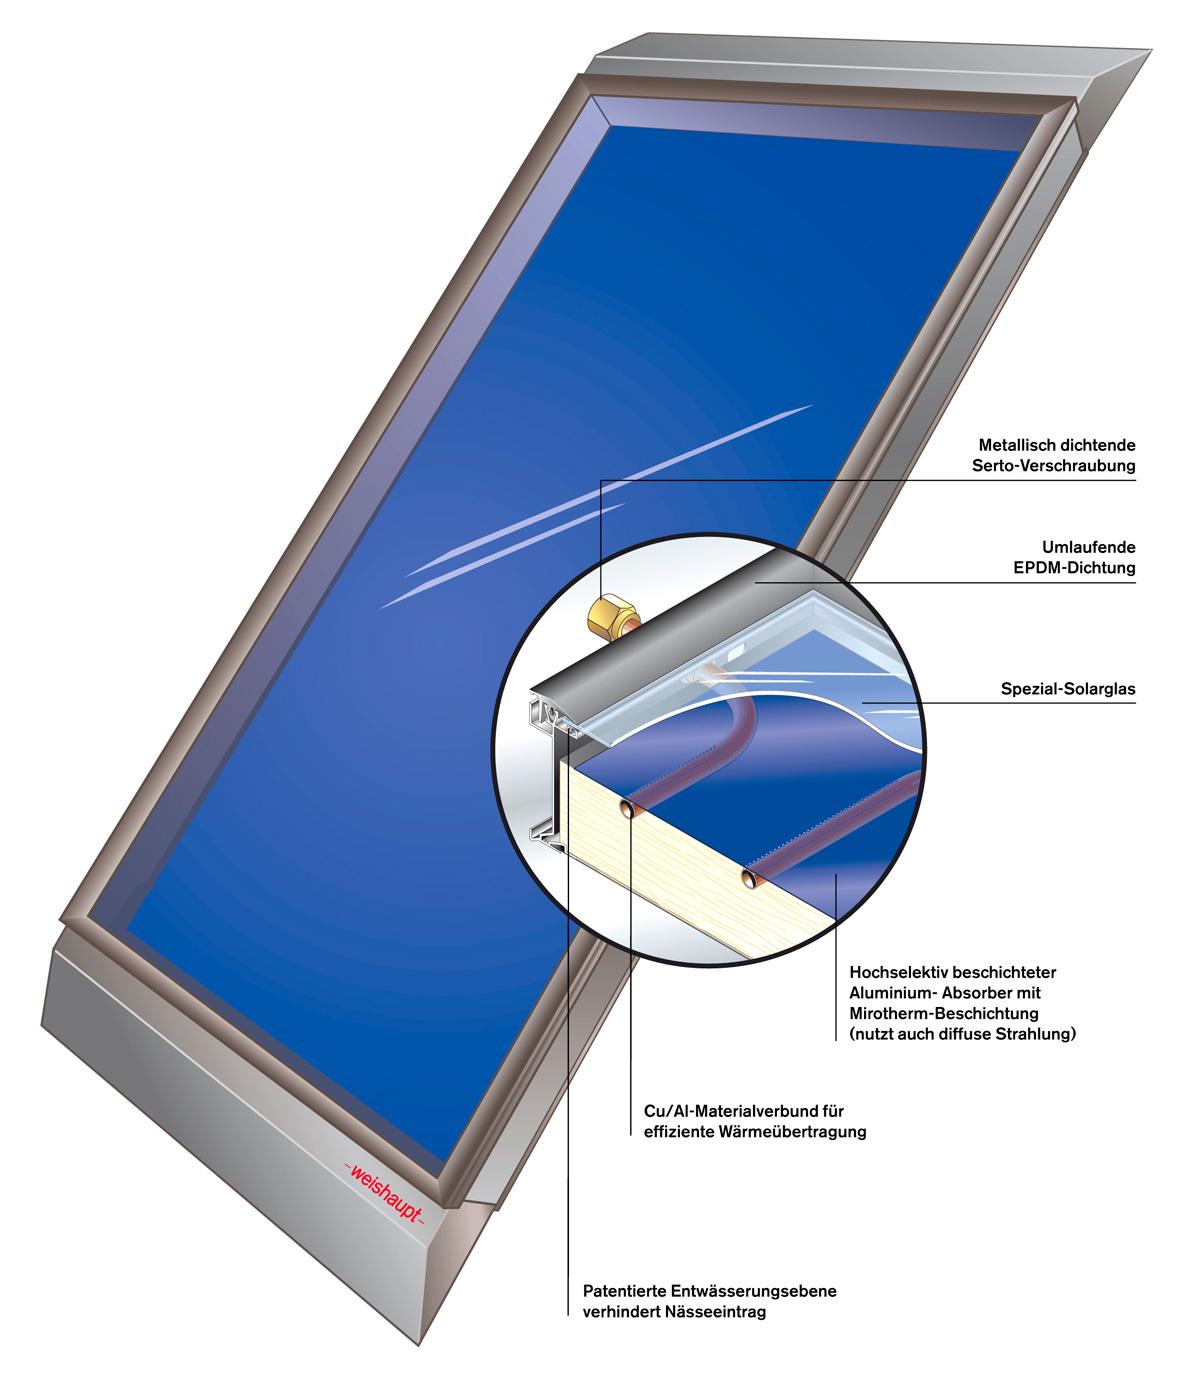 mq15-haustechnik-solar-thermie-panel-detail-01-03-marquardt-dillingen